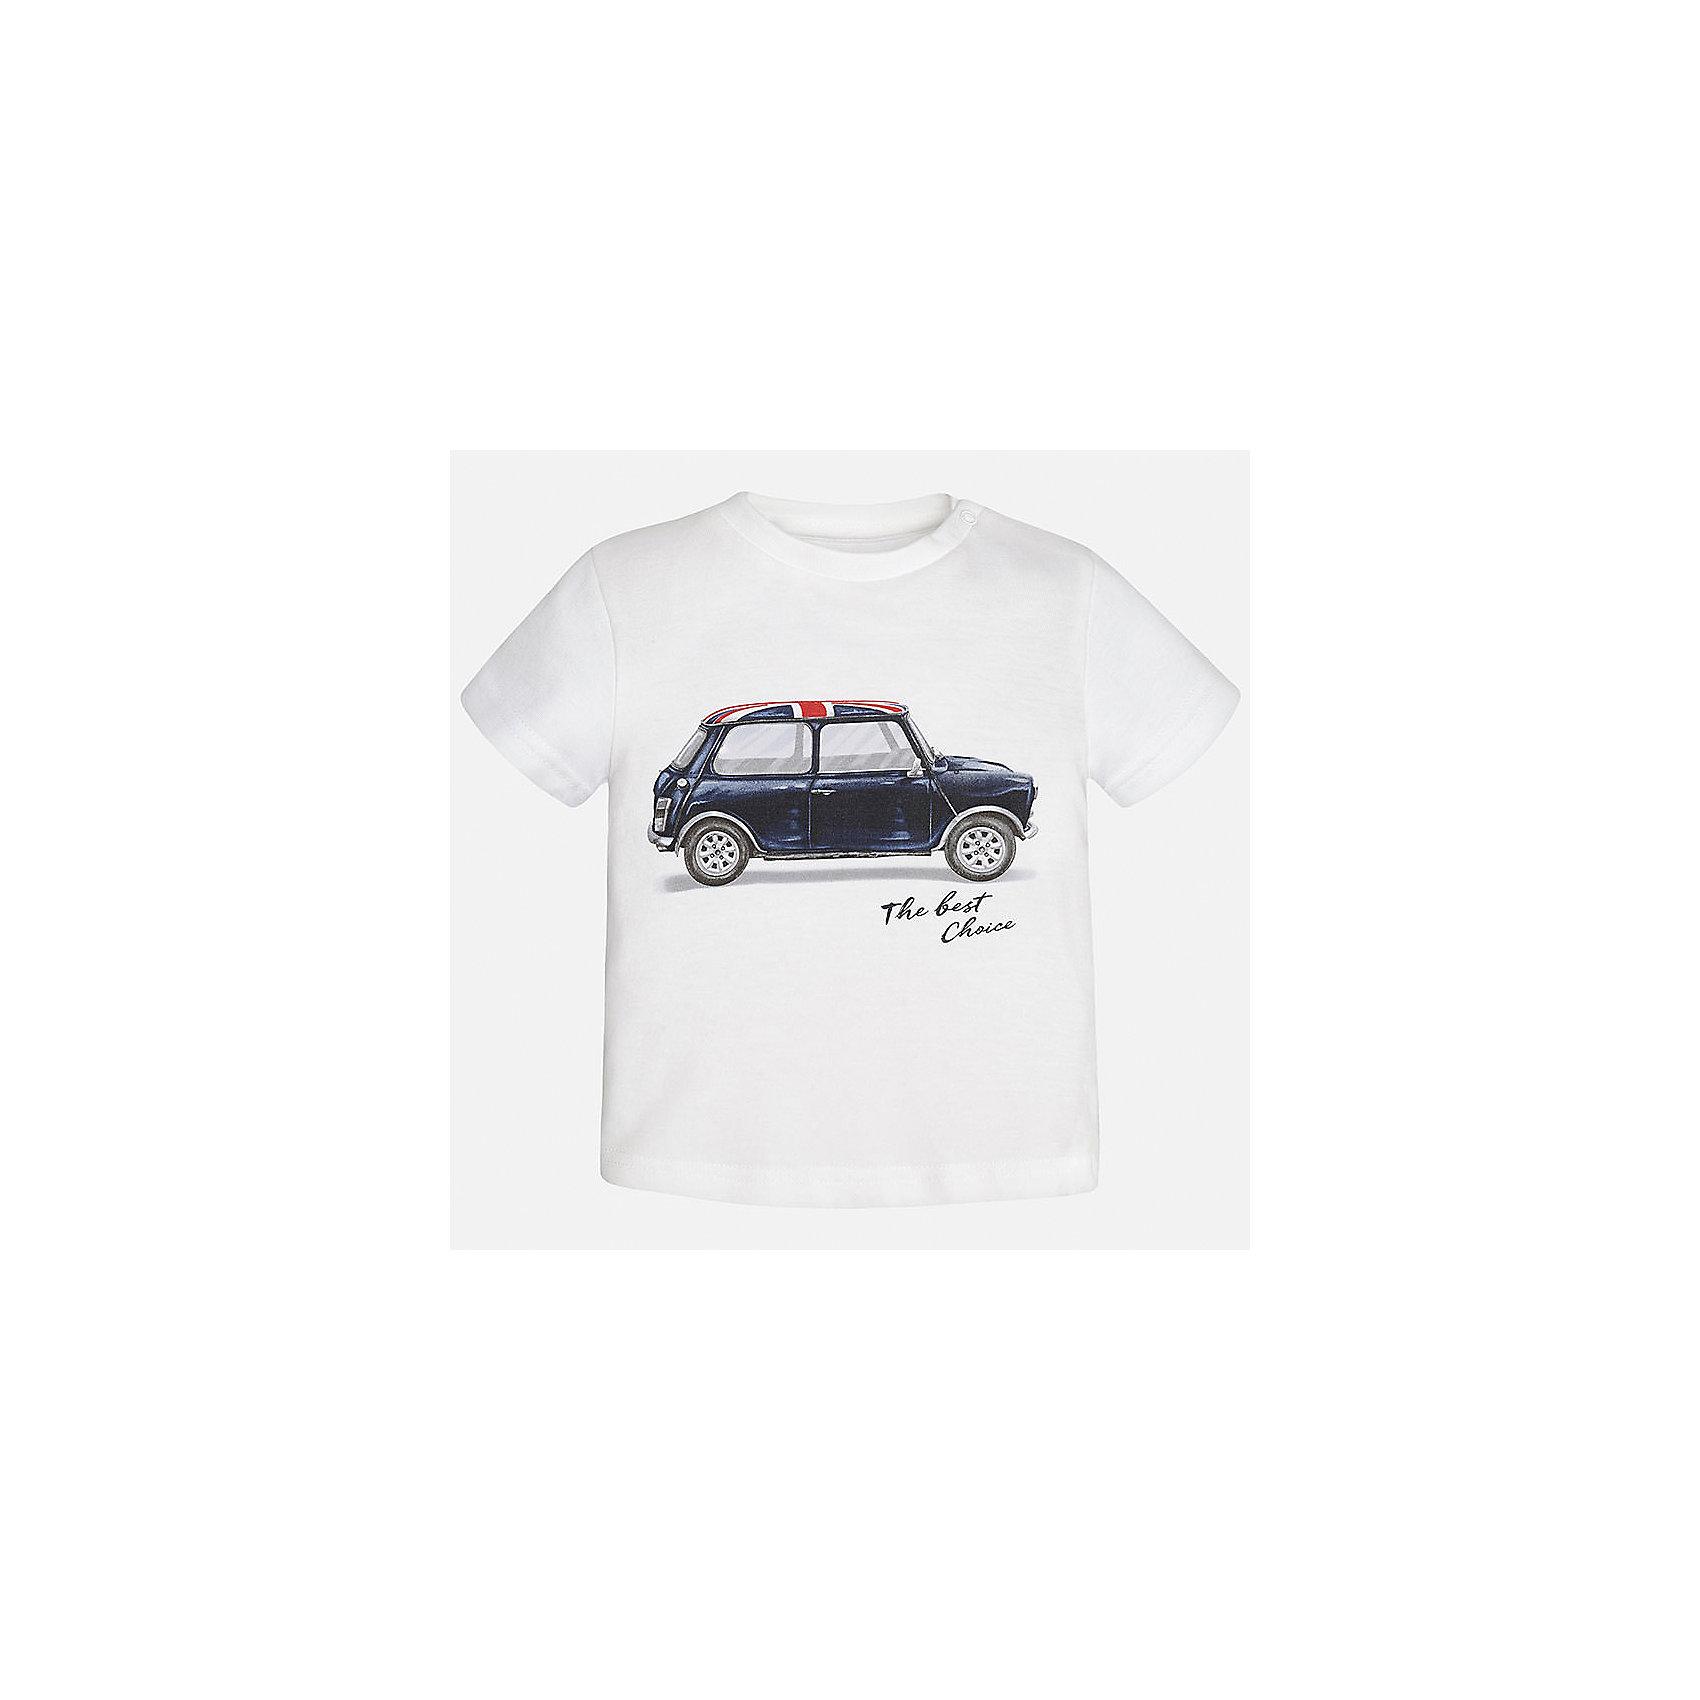 Футболка для мальчика MayoralФутболки, поло и топы<br>Характеристики товара:<br><br>• цвет: белый<br>• состав: 100% хлопок<br>• круглый горловой вырез<br>• декорирована принтом<br>• короткие рукава<br>• мягкая отделка горловины<br>• страна бренда: Испания<br><br>Красивая хлопковая футболка с принтом поможет разнообразить гардероб мальчика. Она отлично сочетается с брюками, шортами, джинсами. Универсальный крой и цвет позволяет подобрать к вещи низ разных расцветок. Практичное и стильное изделие! Хорошо смотрится и комфортно сидит на детях. В составе материала - только натуральный хлопок, гипоаллергенный, приятный на ощупь, дышащий. <br><br>Одежда, обувь и аксессуары от испанского бренда Mayoral полюбились детям и взрослым по всему миру. Модели этой марки - стильные и удобные. Для их производства используются только безопасные, качественные материалы и фурнитура. Порадуйте ребенка модными и красивыми вещами от Mayoral! <br><br>Футболку для мальчика от испанского бренда Mayoral (Майорал) можно купить в нашем интернет-магазине.<br><br>Ширина мм: 199<br>Глубина мм: 10<br>Высота мм: 161<br>Вес г: 151<br>Цвет: белый<br>Возраст от месяцев: 18<br>Возраст до месяцев: 24<br>Пол: Мужской<br>Возраст: Детский<br>Размер: 92,86,80<br>SKU: 5278489